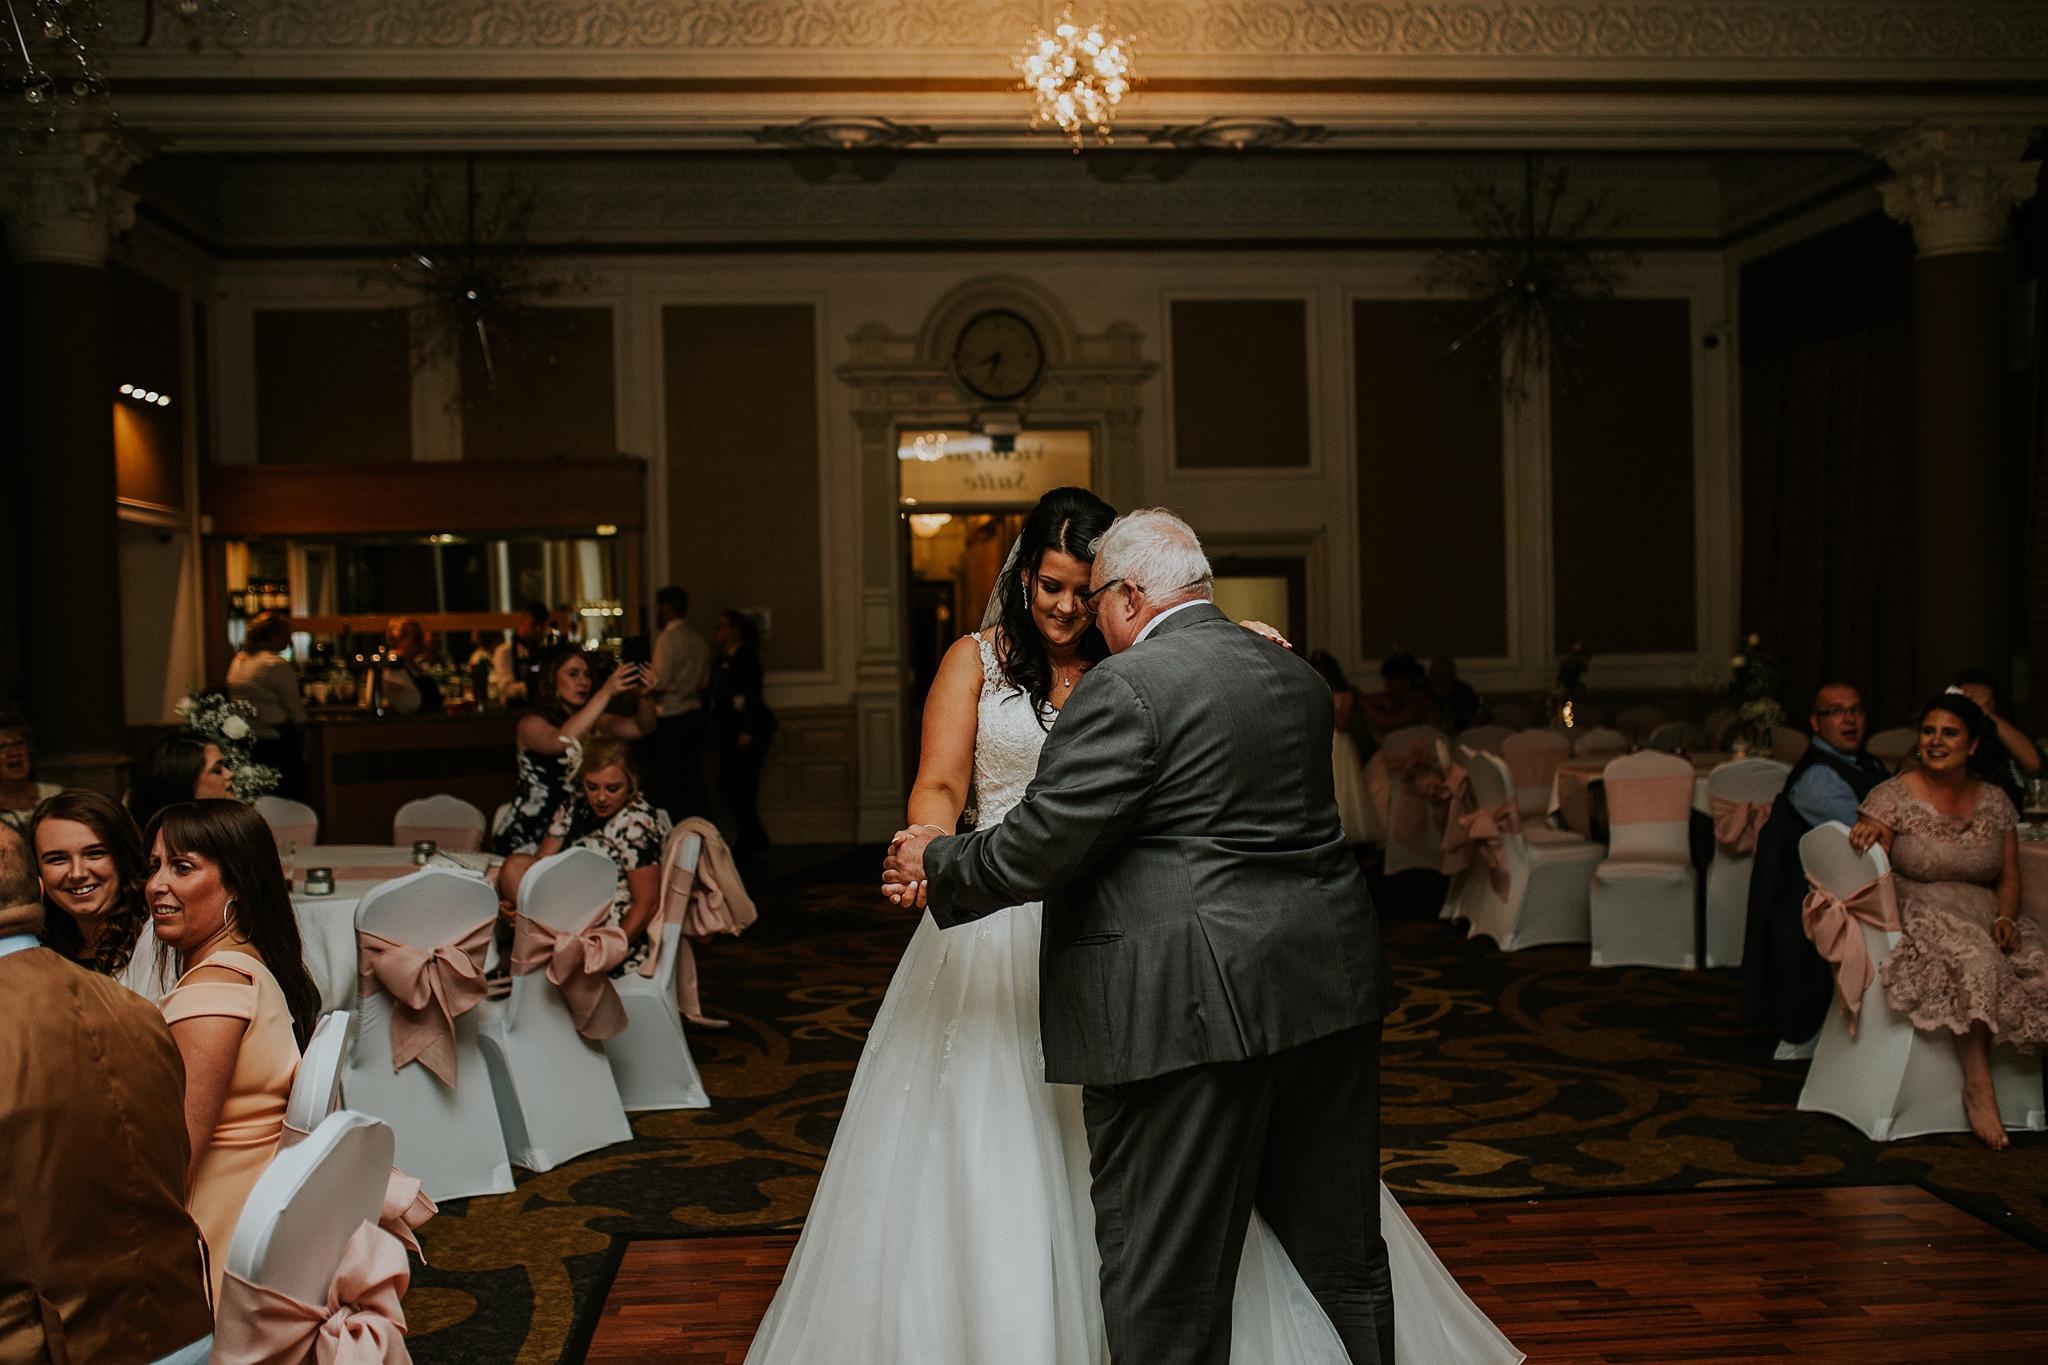 newcastle_upon_tyne_wedding_photographer-69.JPG